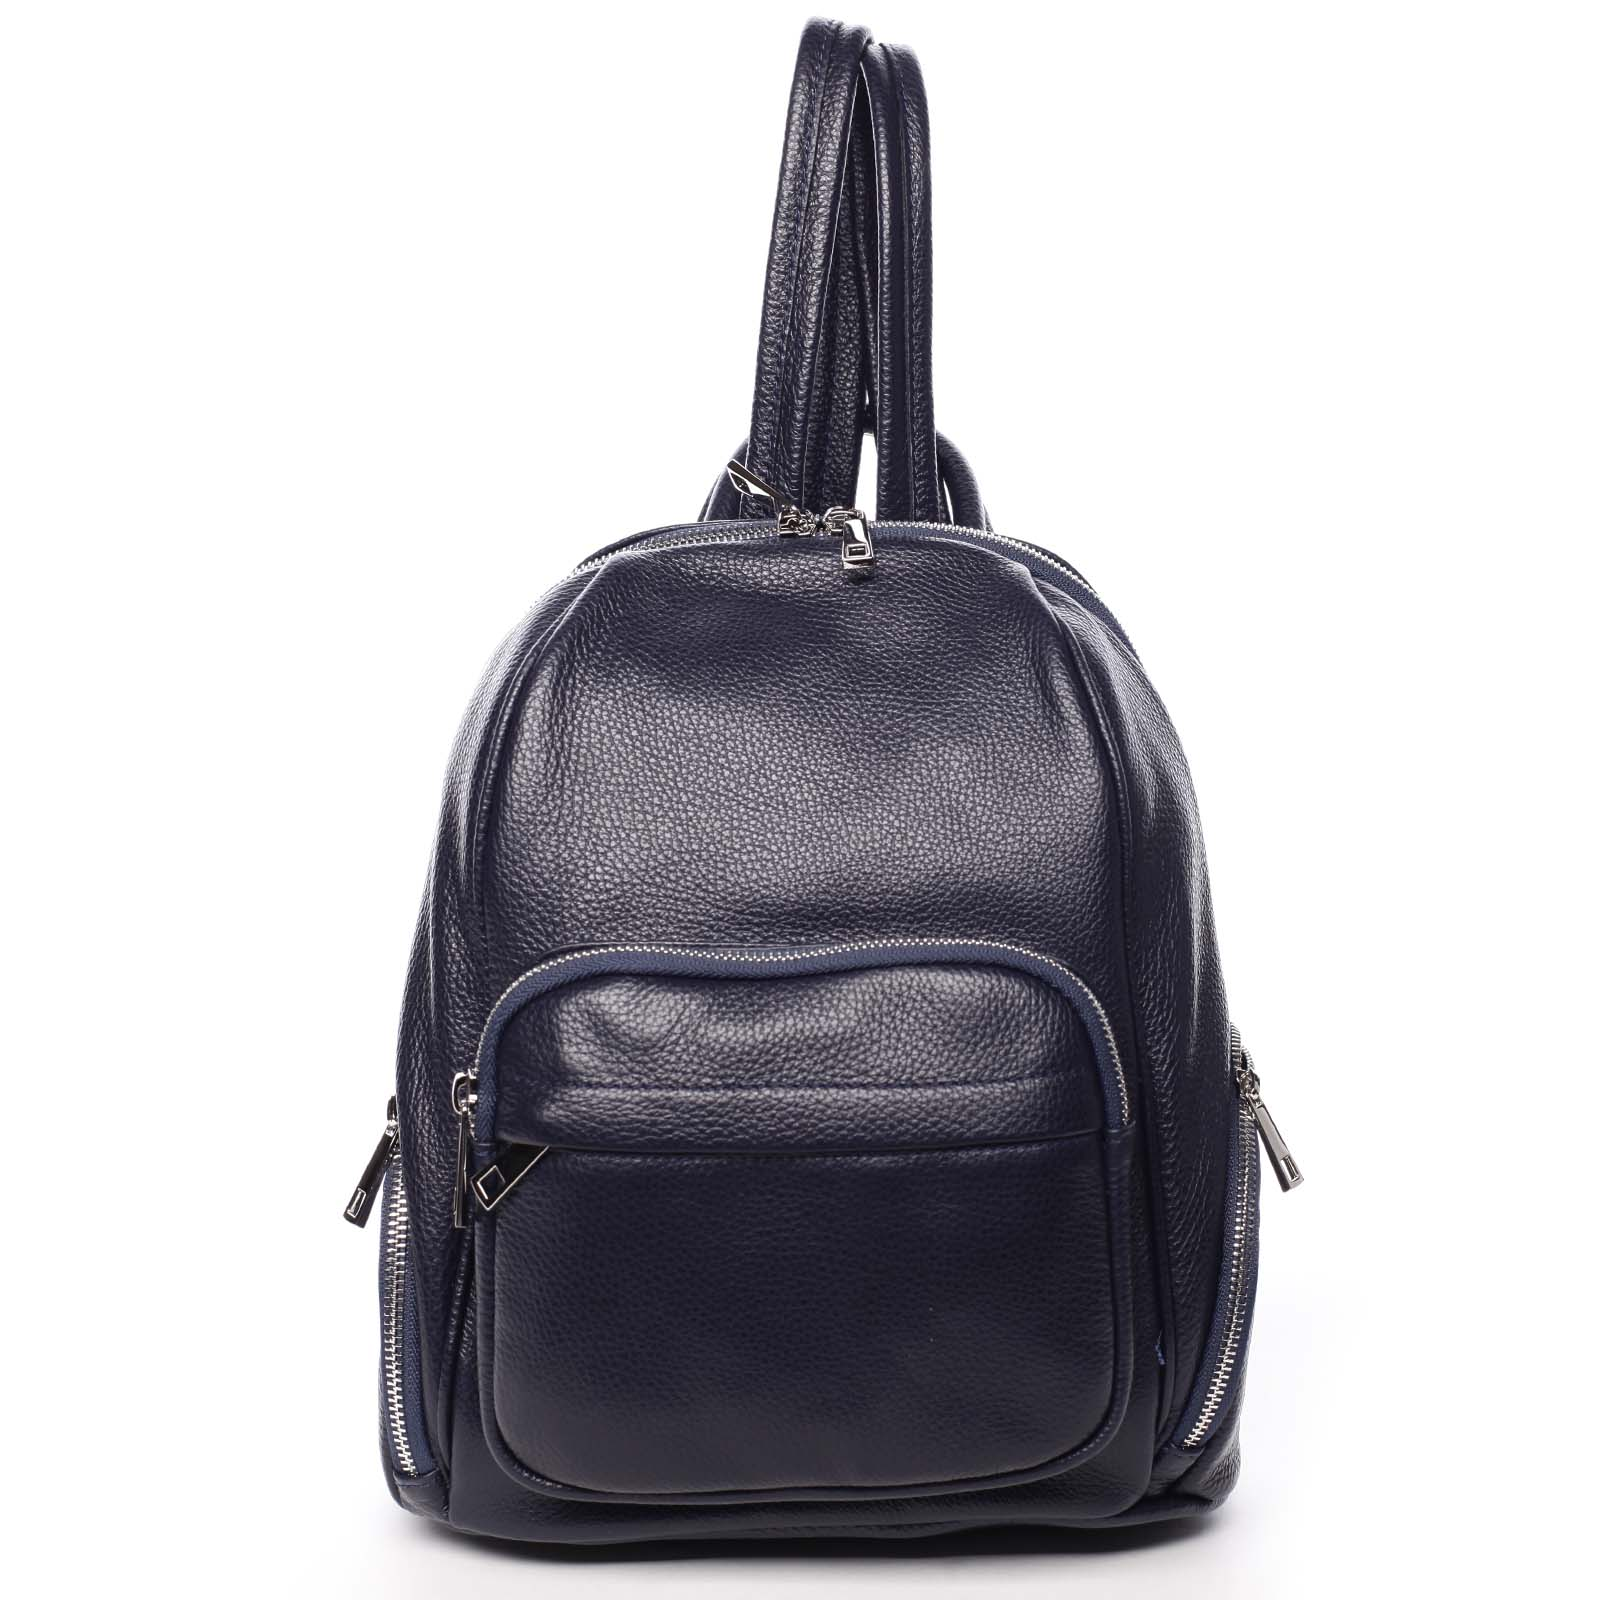 Dámsky kožený batoh tmavomodrý - ItalY Minetta